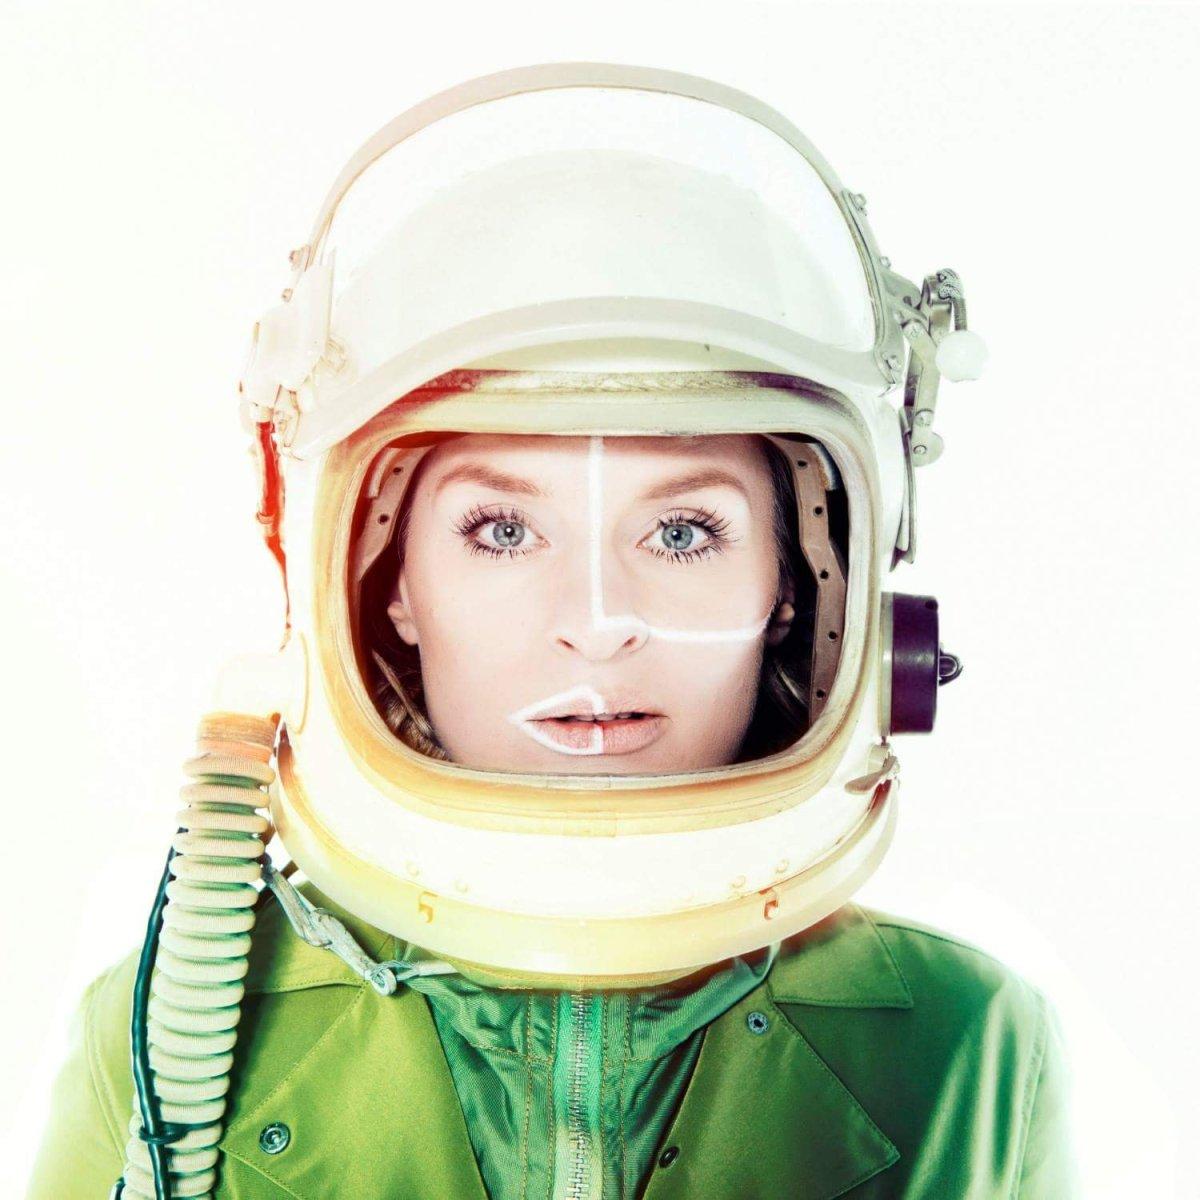 Song of the Day: Sandra van Nieuwland - Human Alien